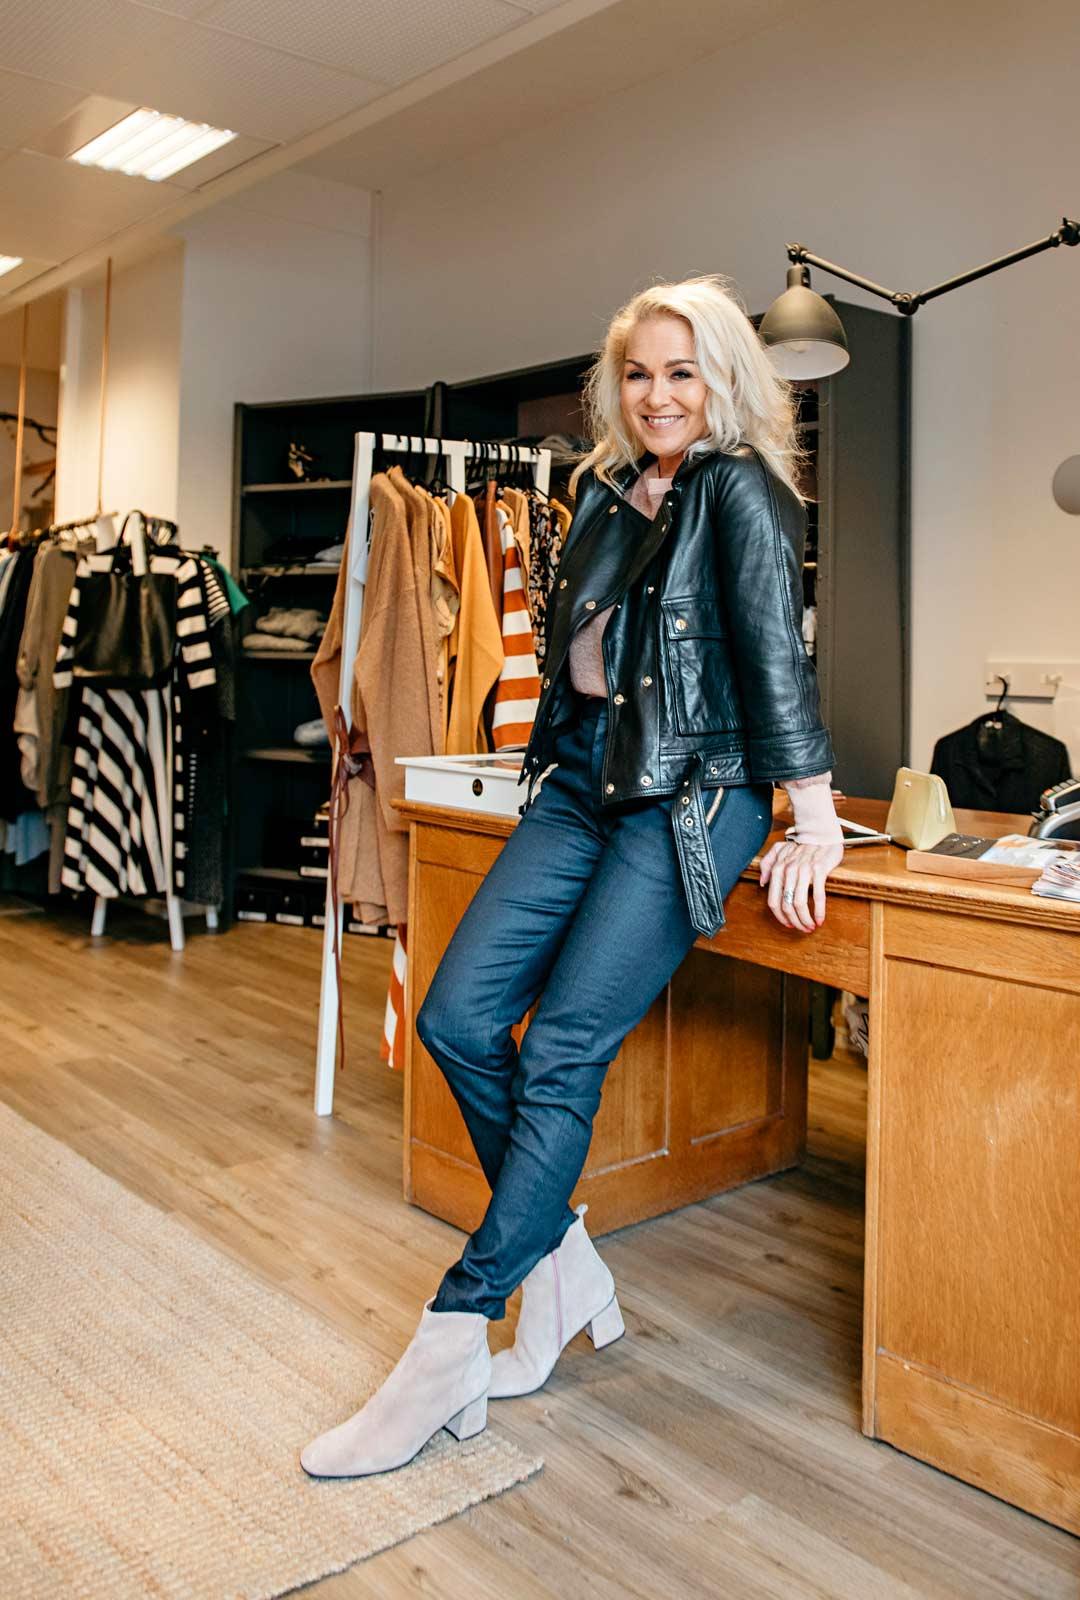 Johanna Yrjövuorelle mallikeikat ovat mukava harrastus.